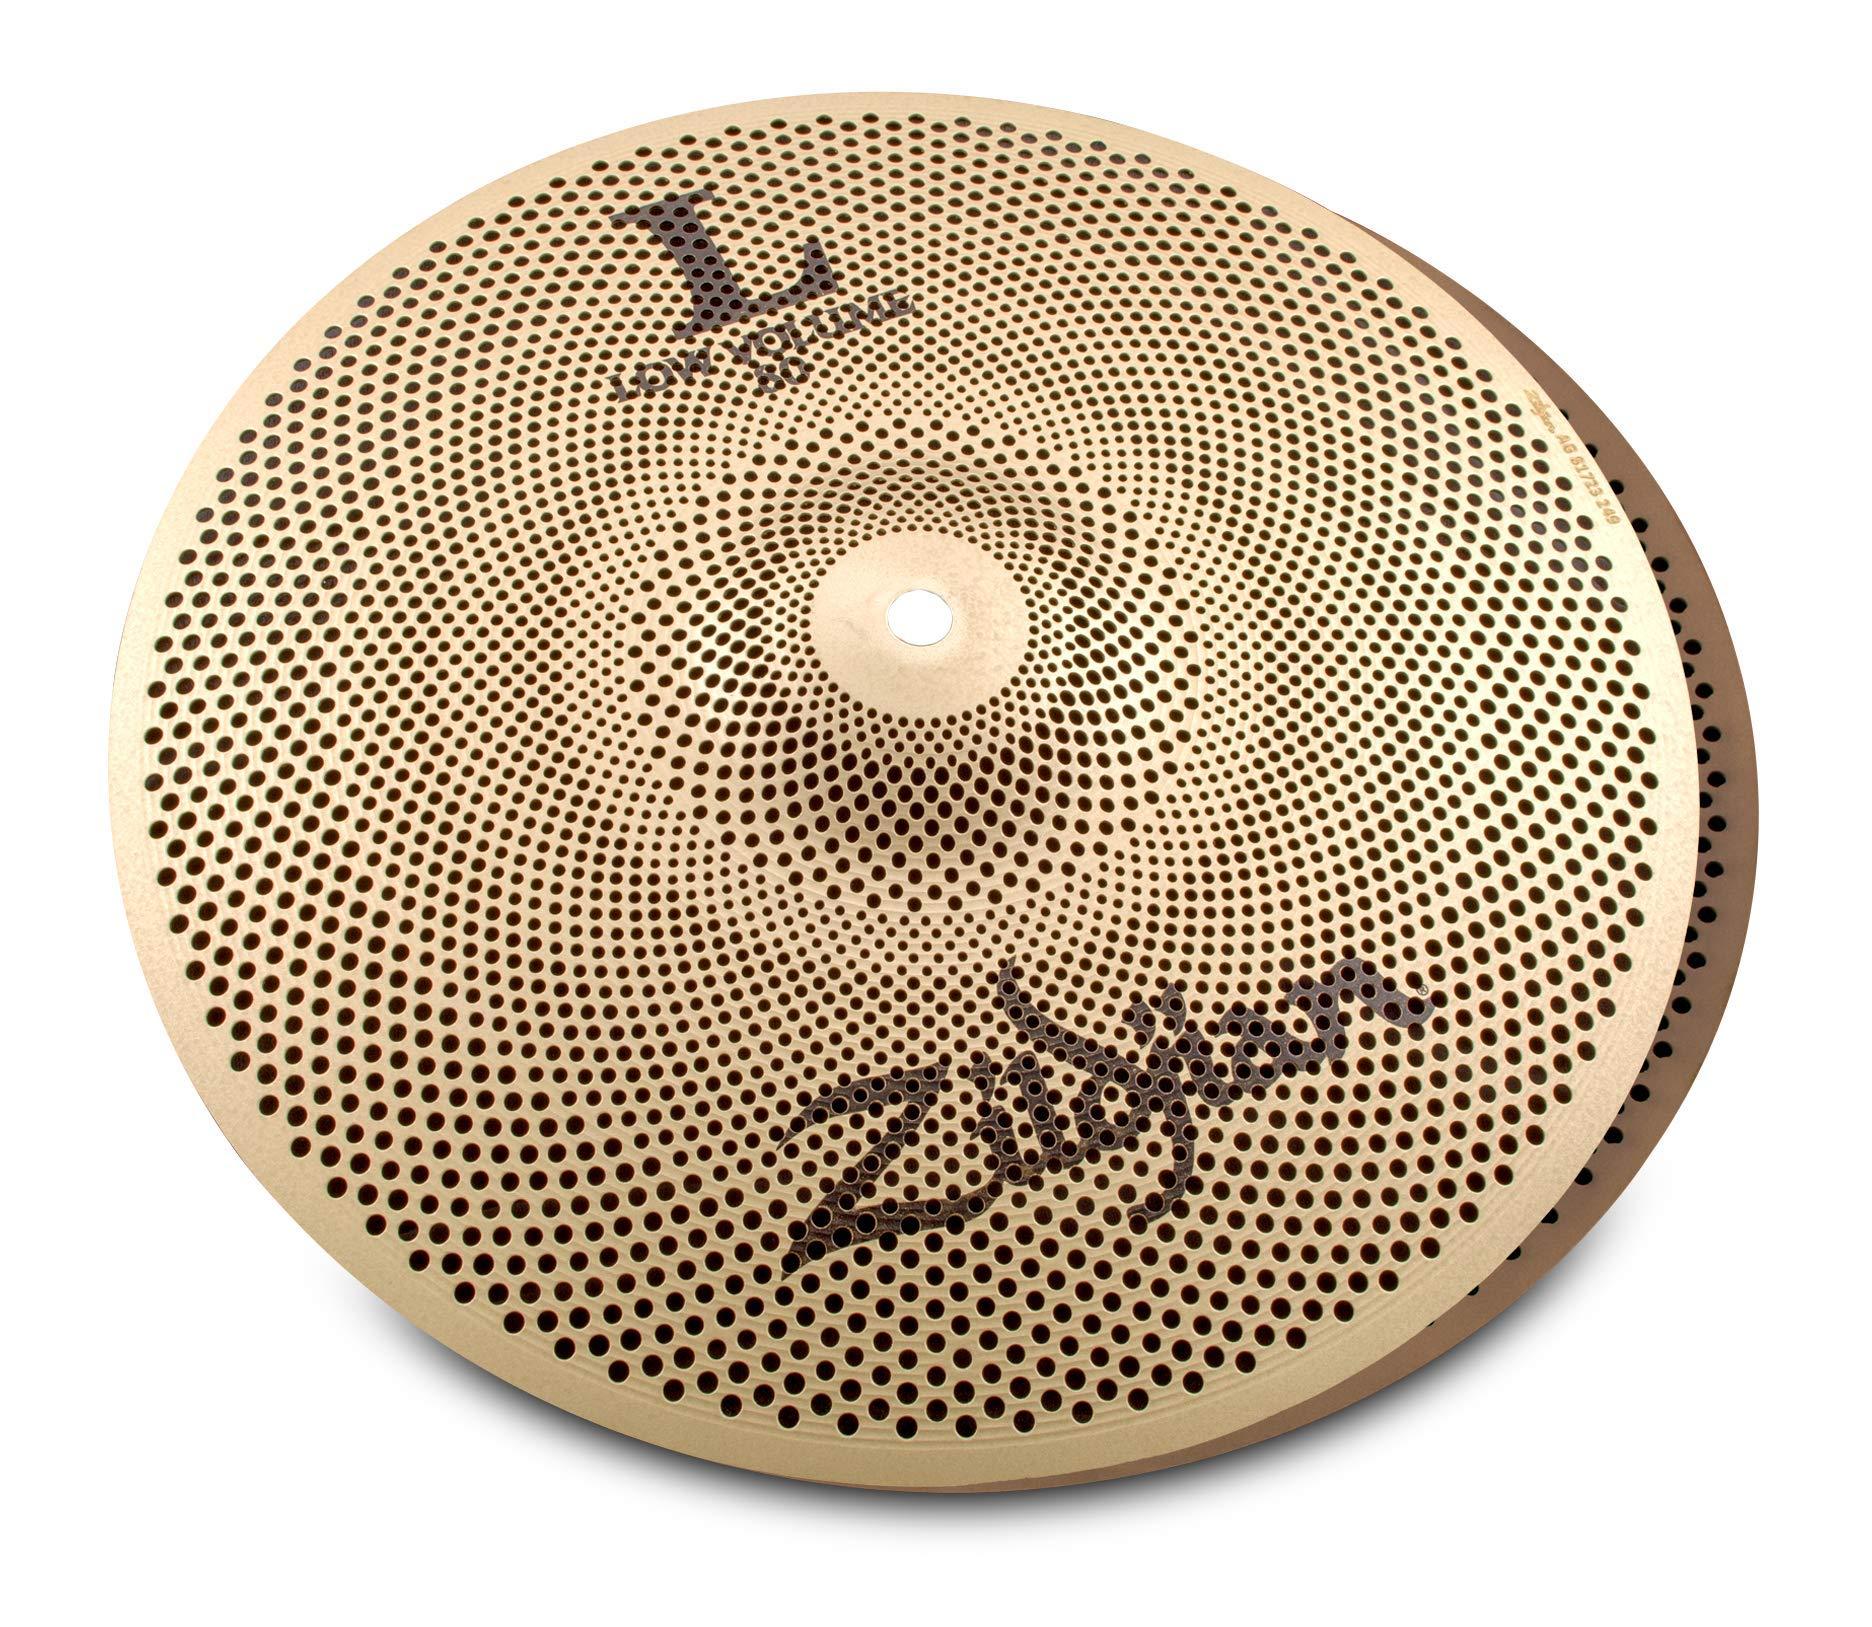 Zildjian Hi-Hat Cymbals (LV8013HP-S) by Avedis Zildjian Company